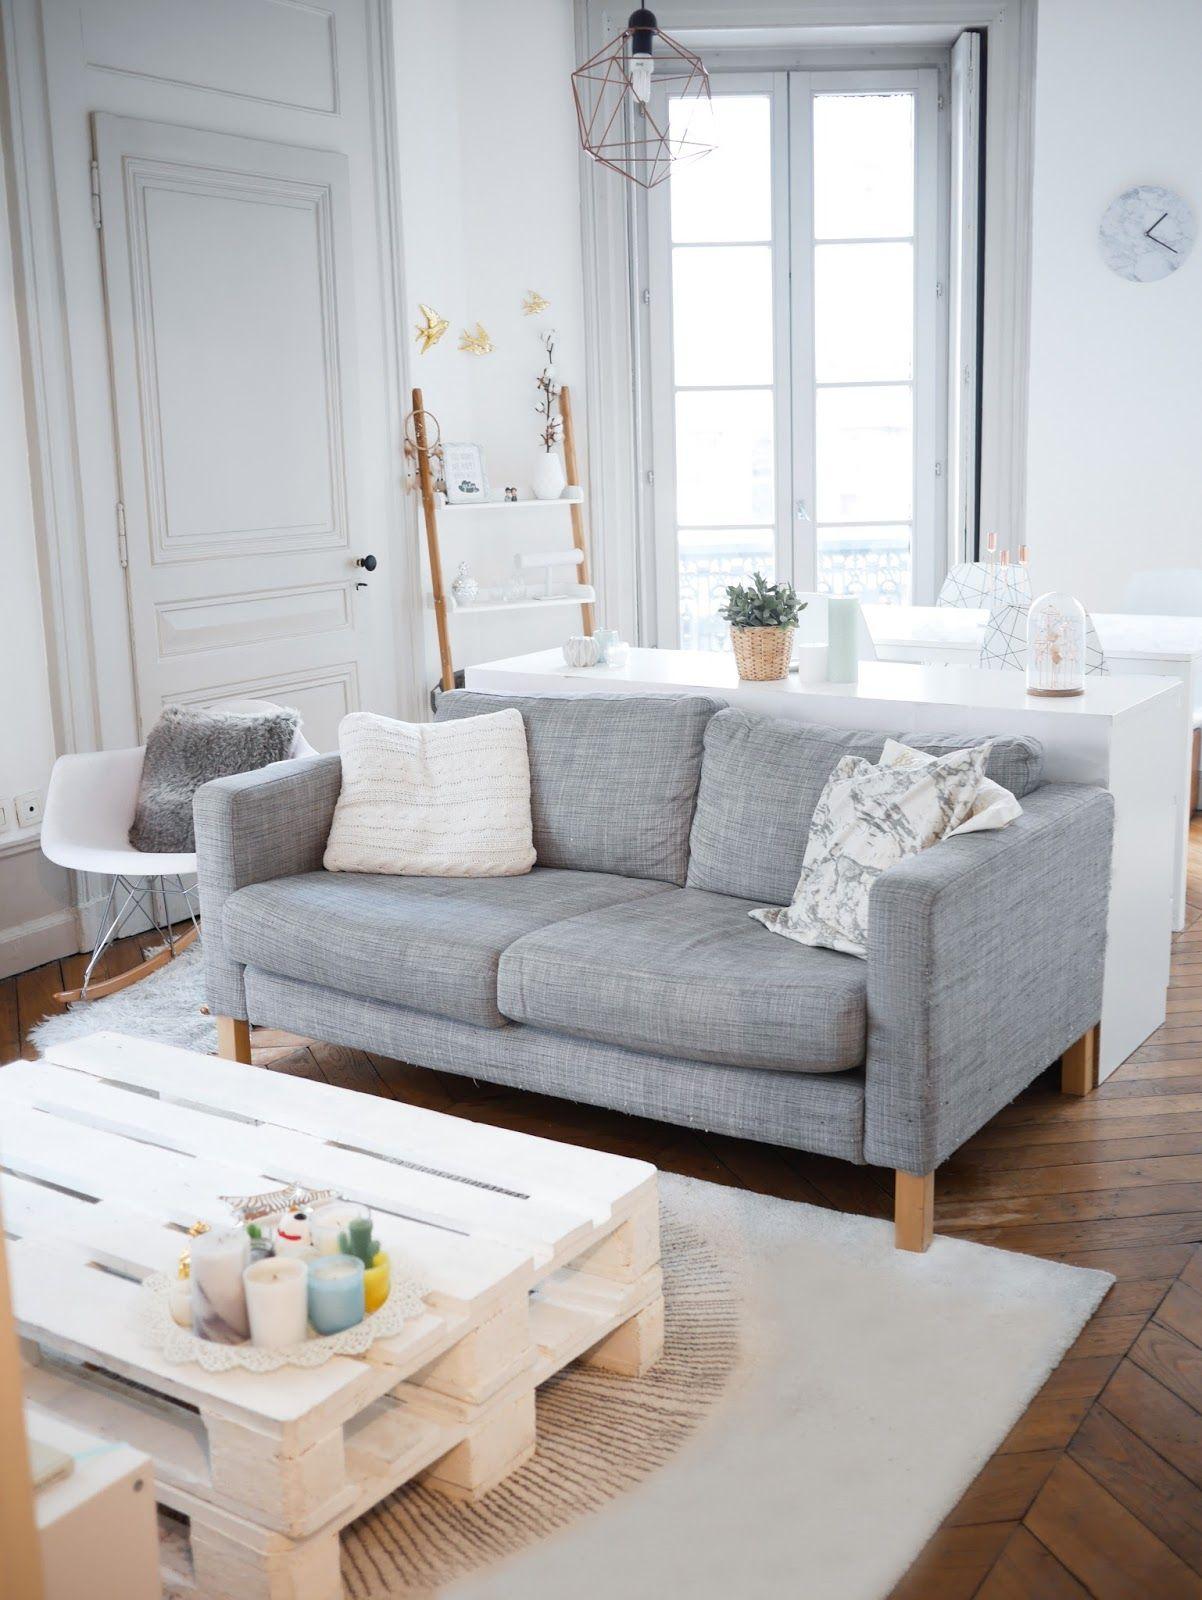 Modeusement votre blog mode lyon paris lifestyle sneakers voyage l - Decoration salon ikea ...